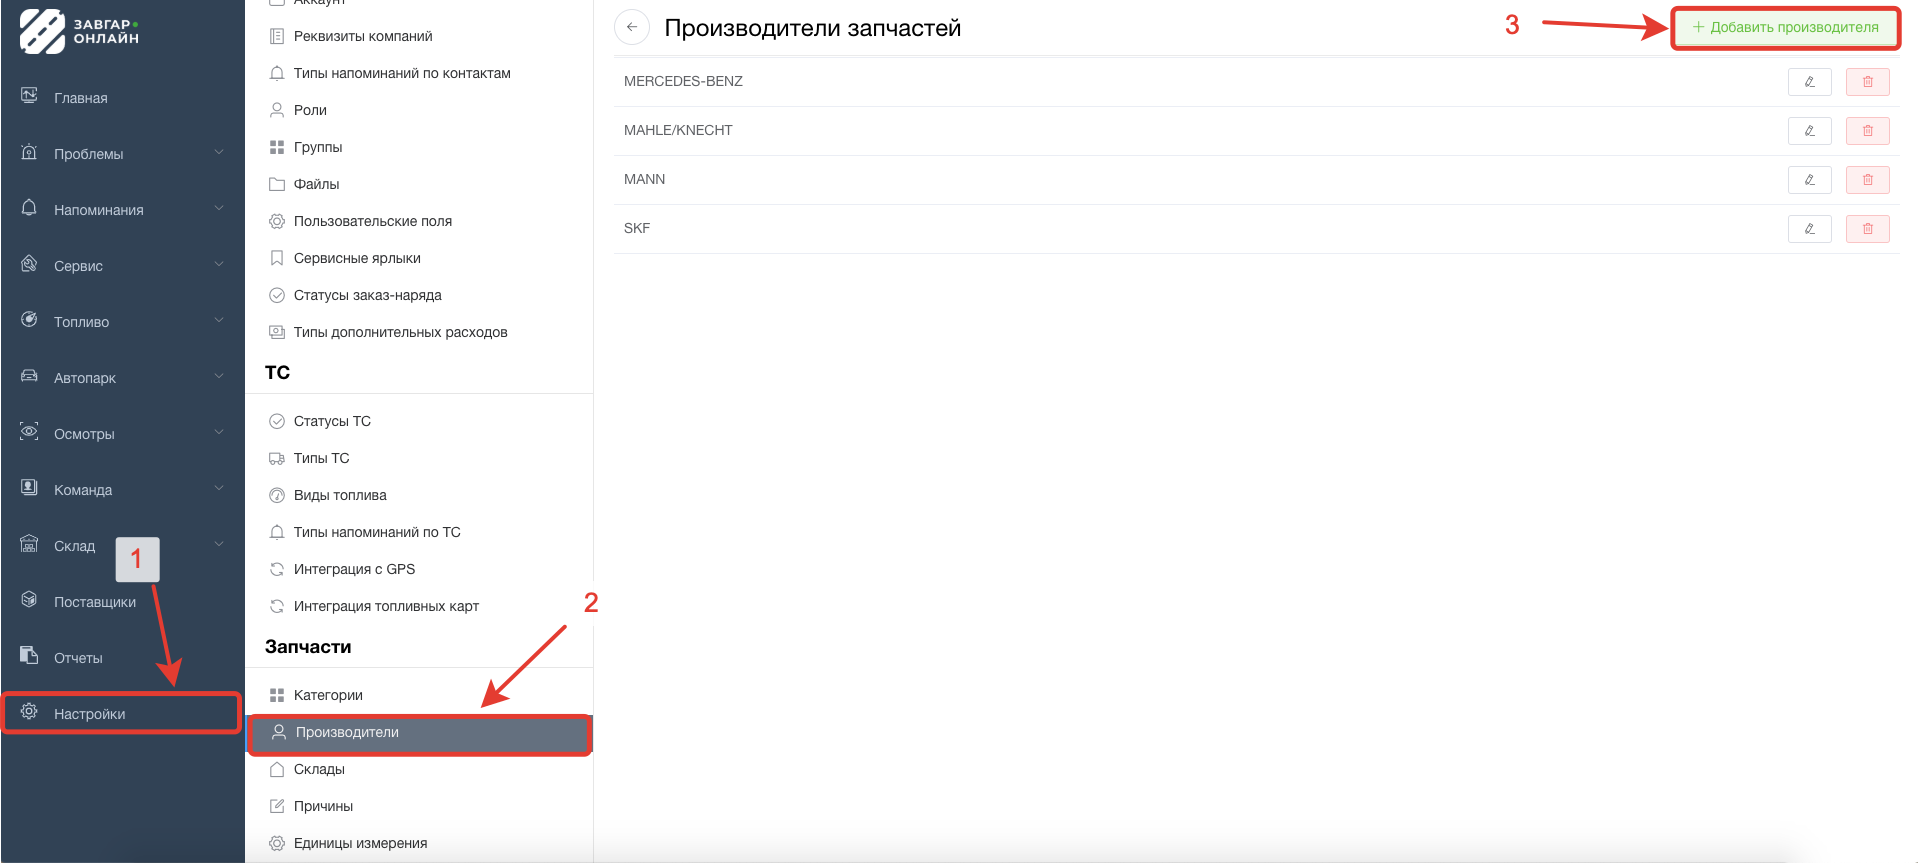 Добавление производителей в систему Завгар Онлайн